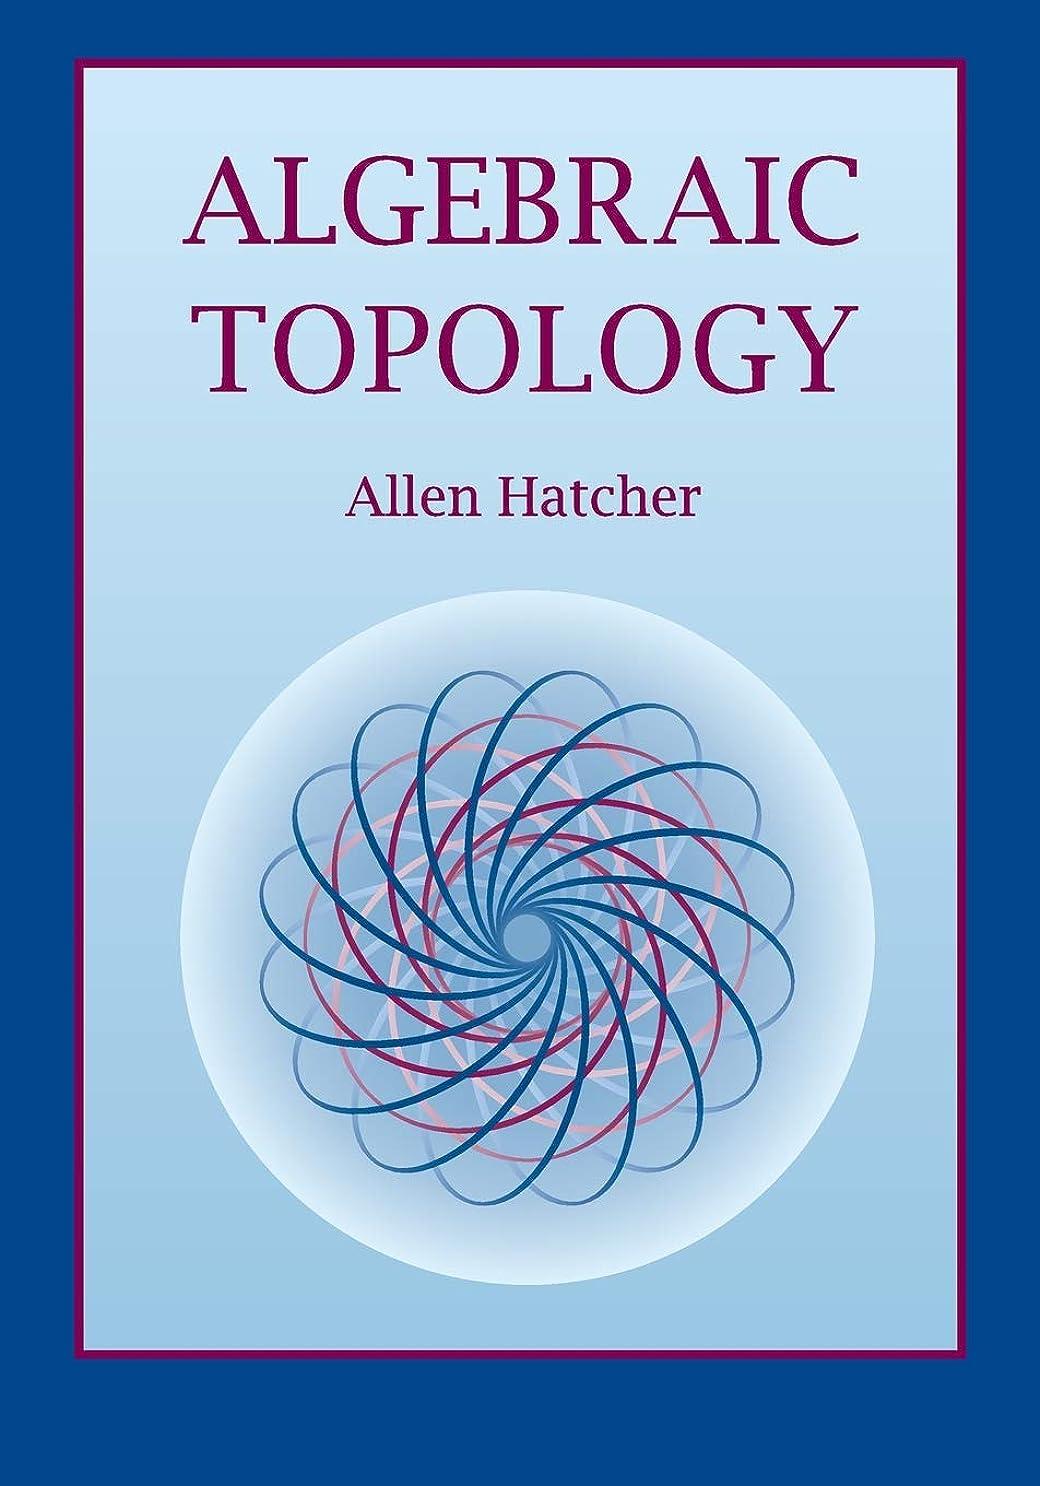 普通に刺すできればAlgebraic Topology